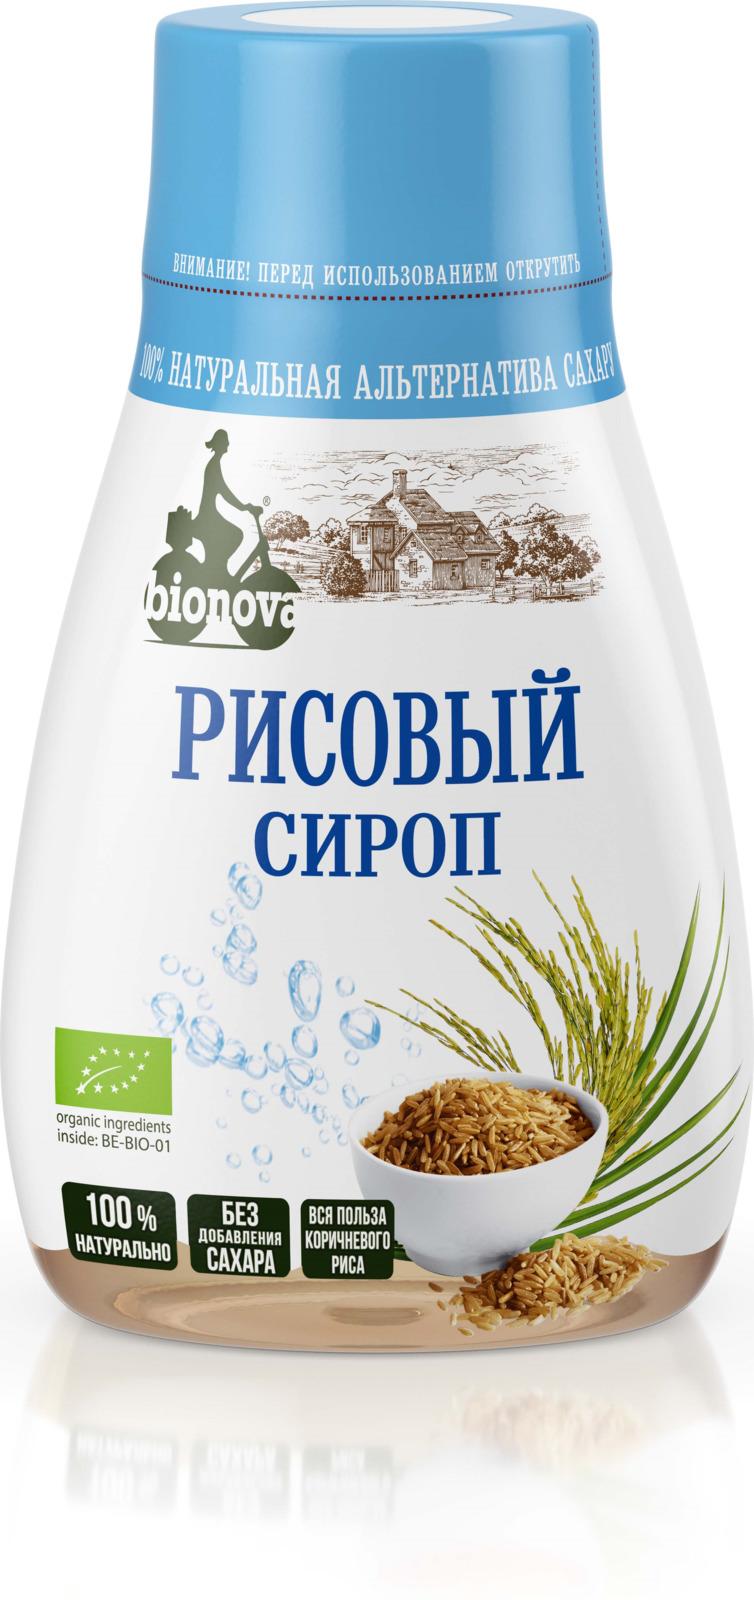 Сахарозаменитель Bionova Органический рисовый сироп, 230 г bionova мюсли хрустящие запеченные яблочные 400 г